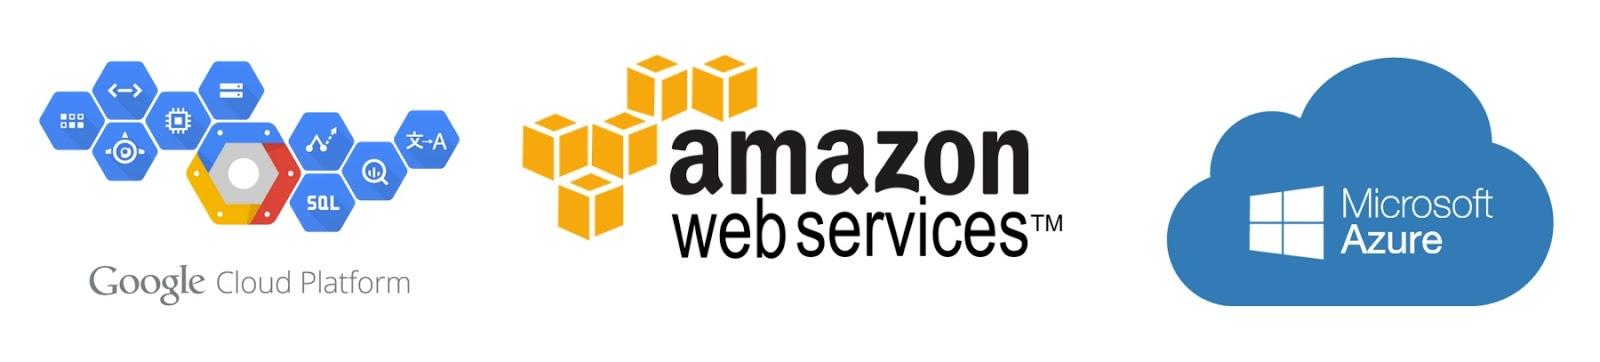 Легкий тест производительности облачных платформ AWS, Google Cloud и Microsoft Azure - 1